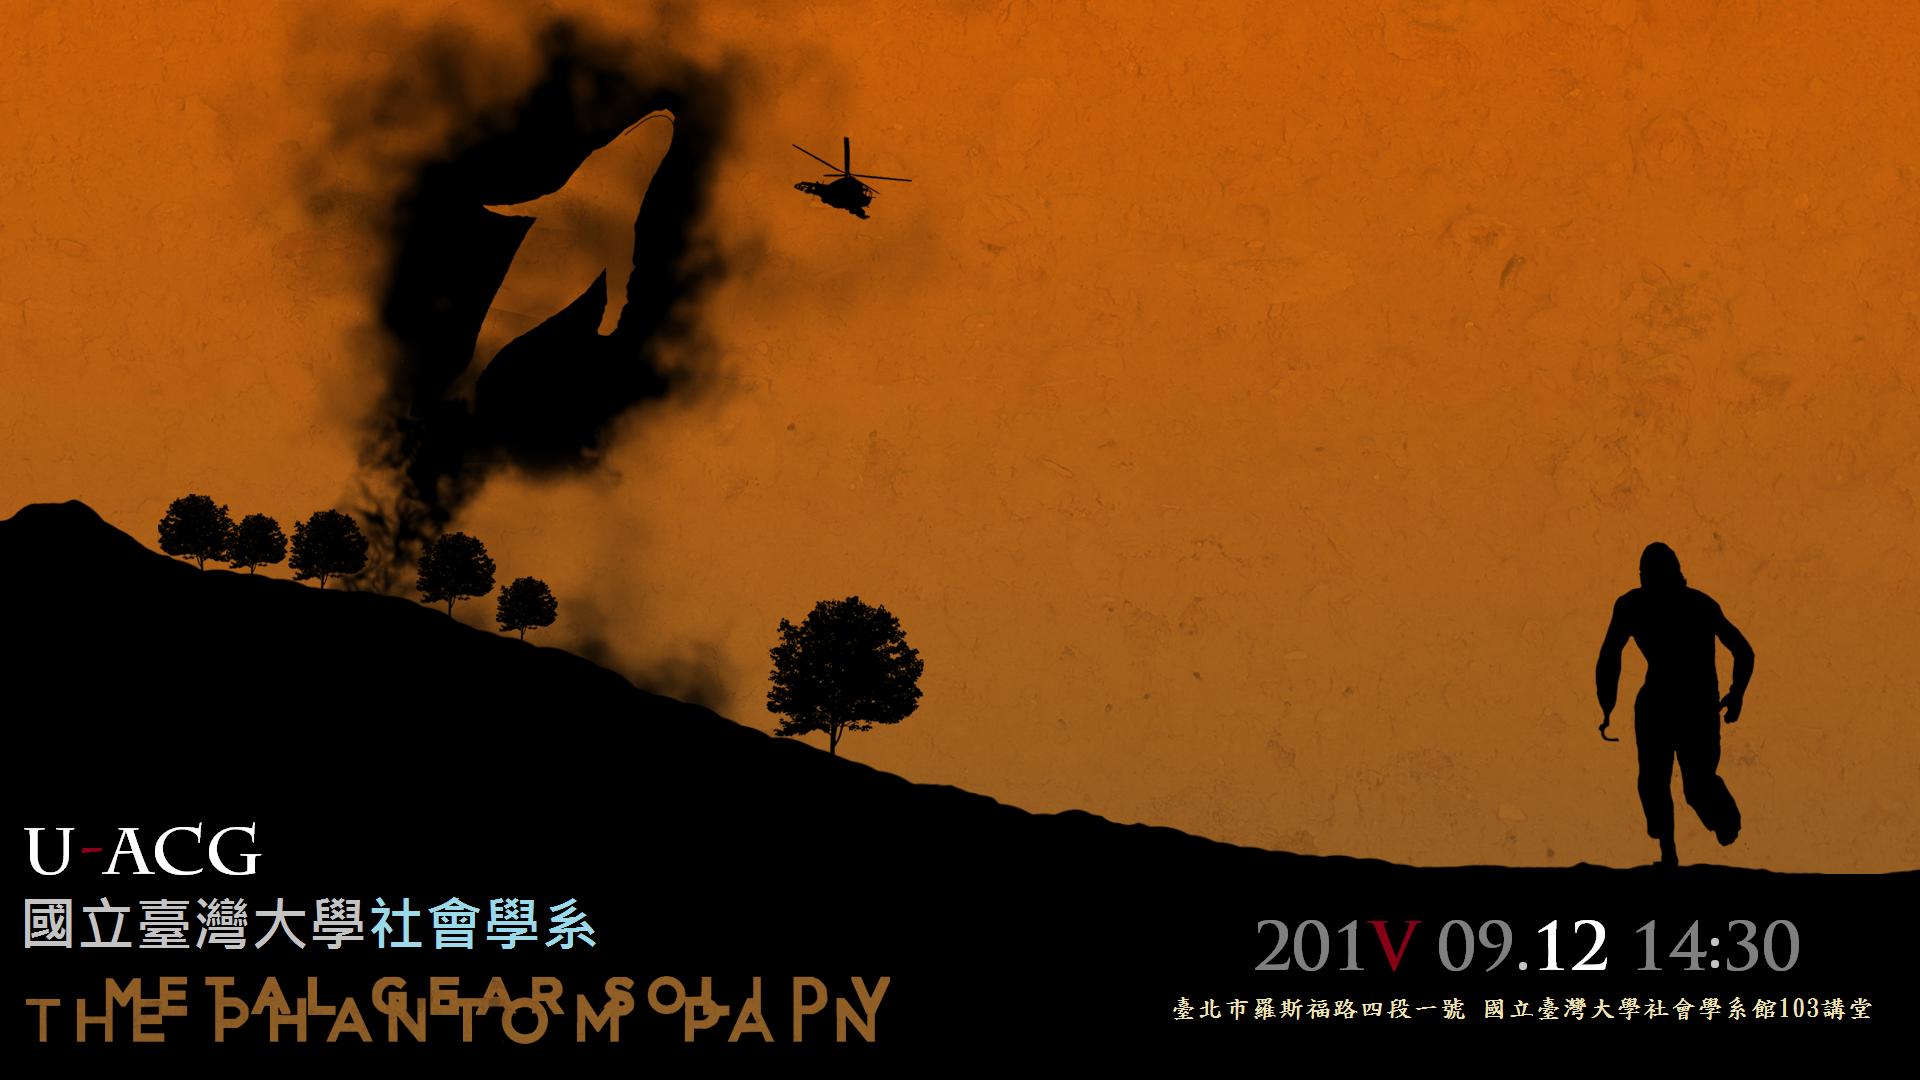 U-ACG X 臺灣大學社會系|《潛龍諜影幻痛》分享會:蛇、山貓和整個武林